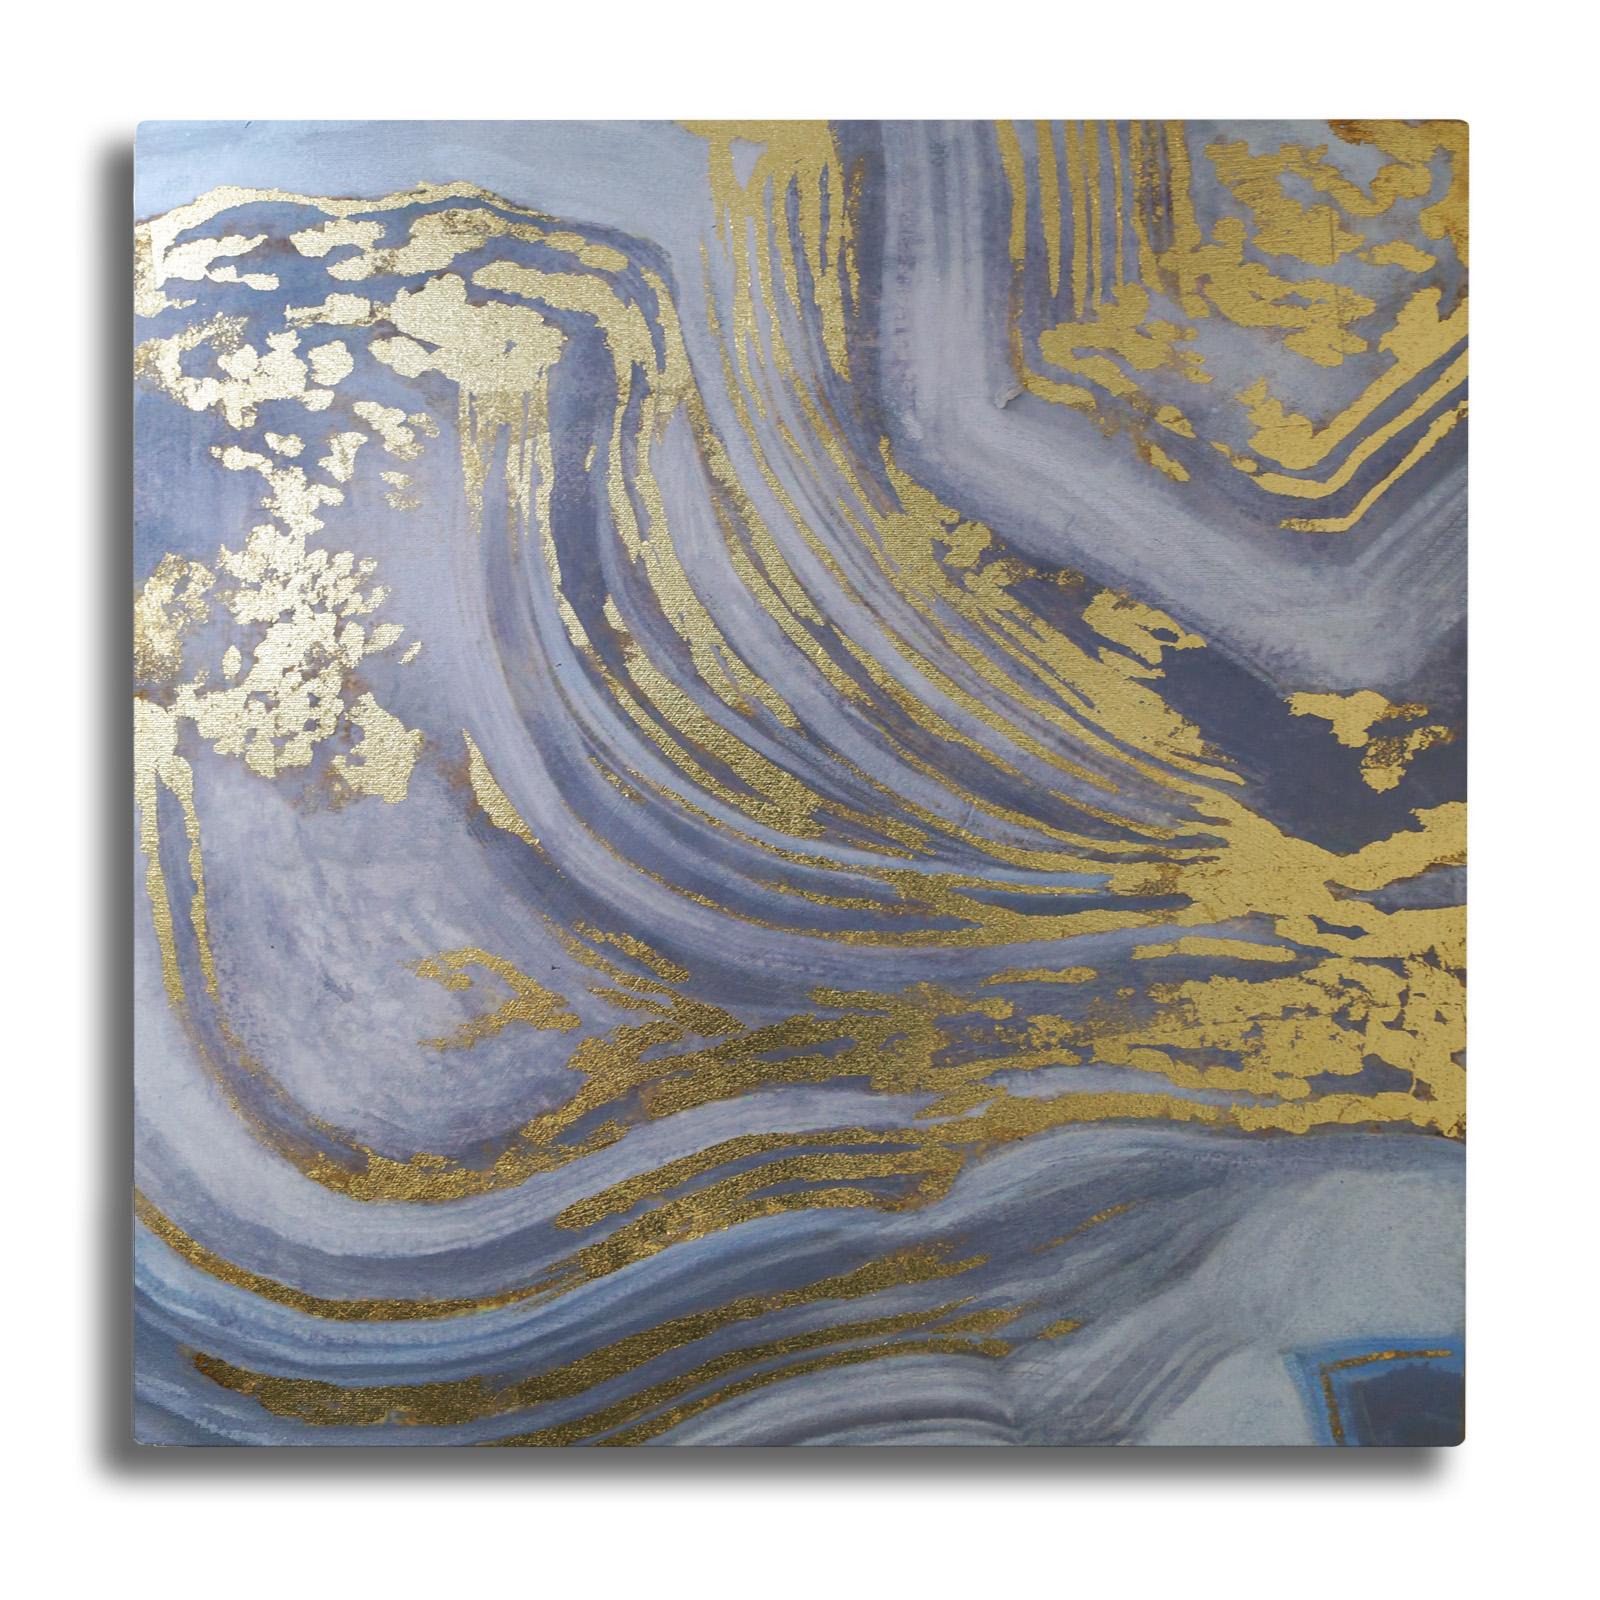 Cuadro abstracto al oleo - Le sable